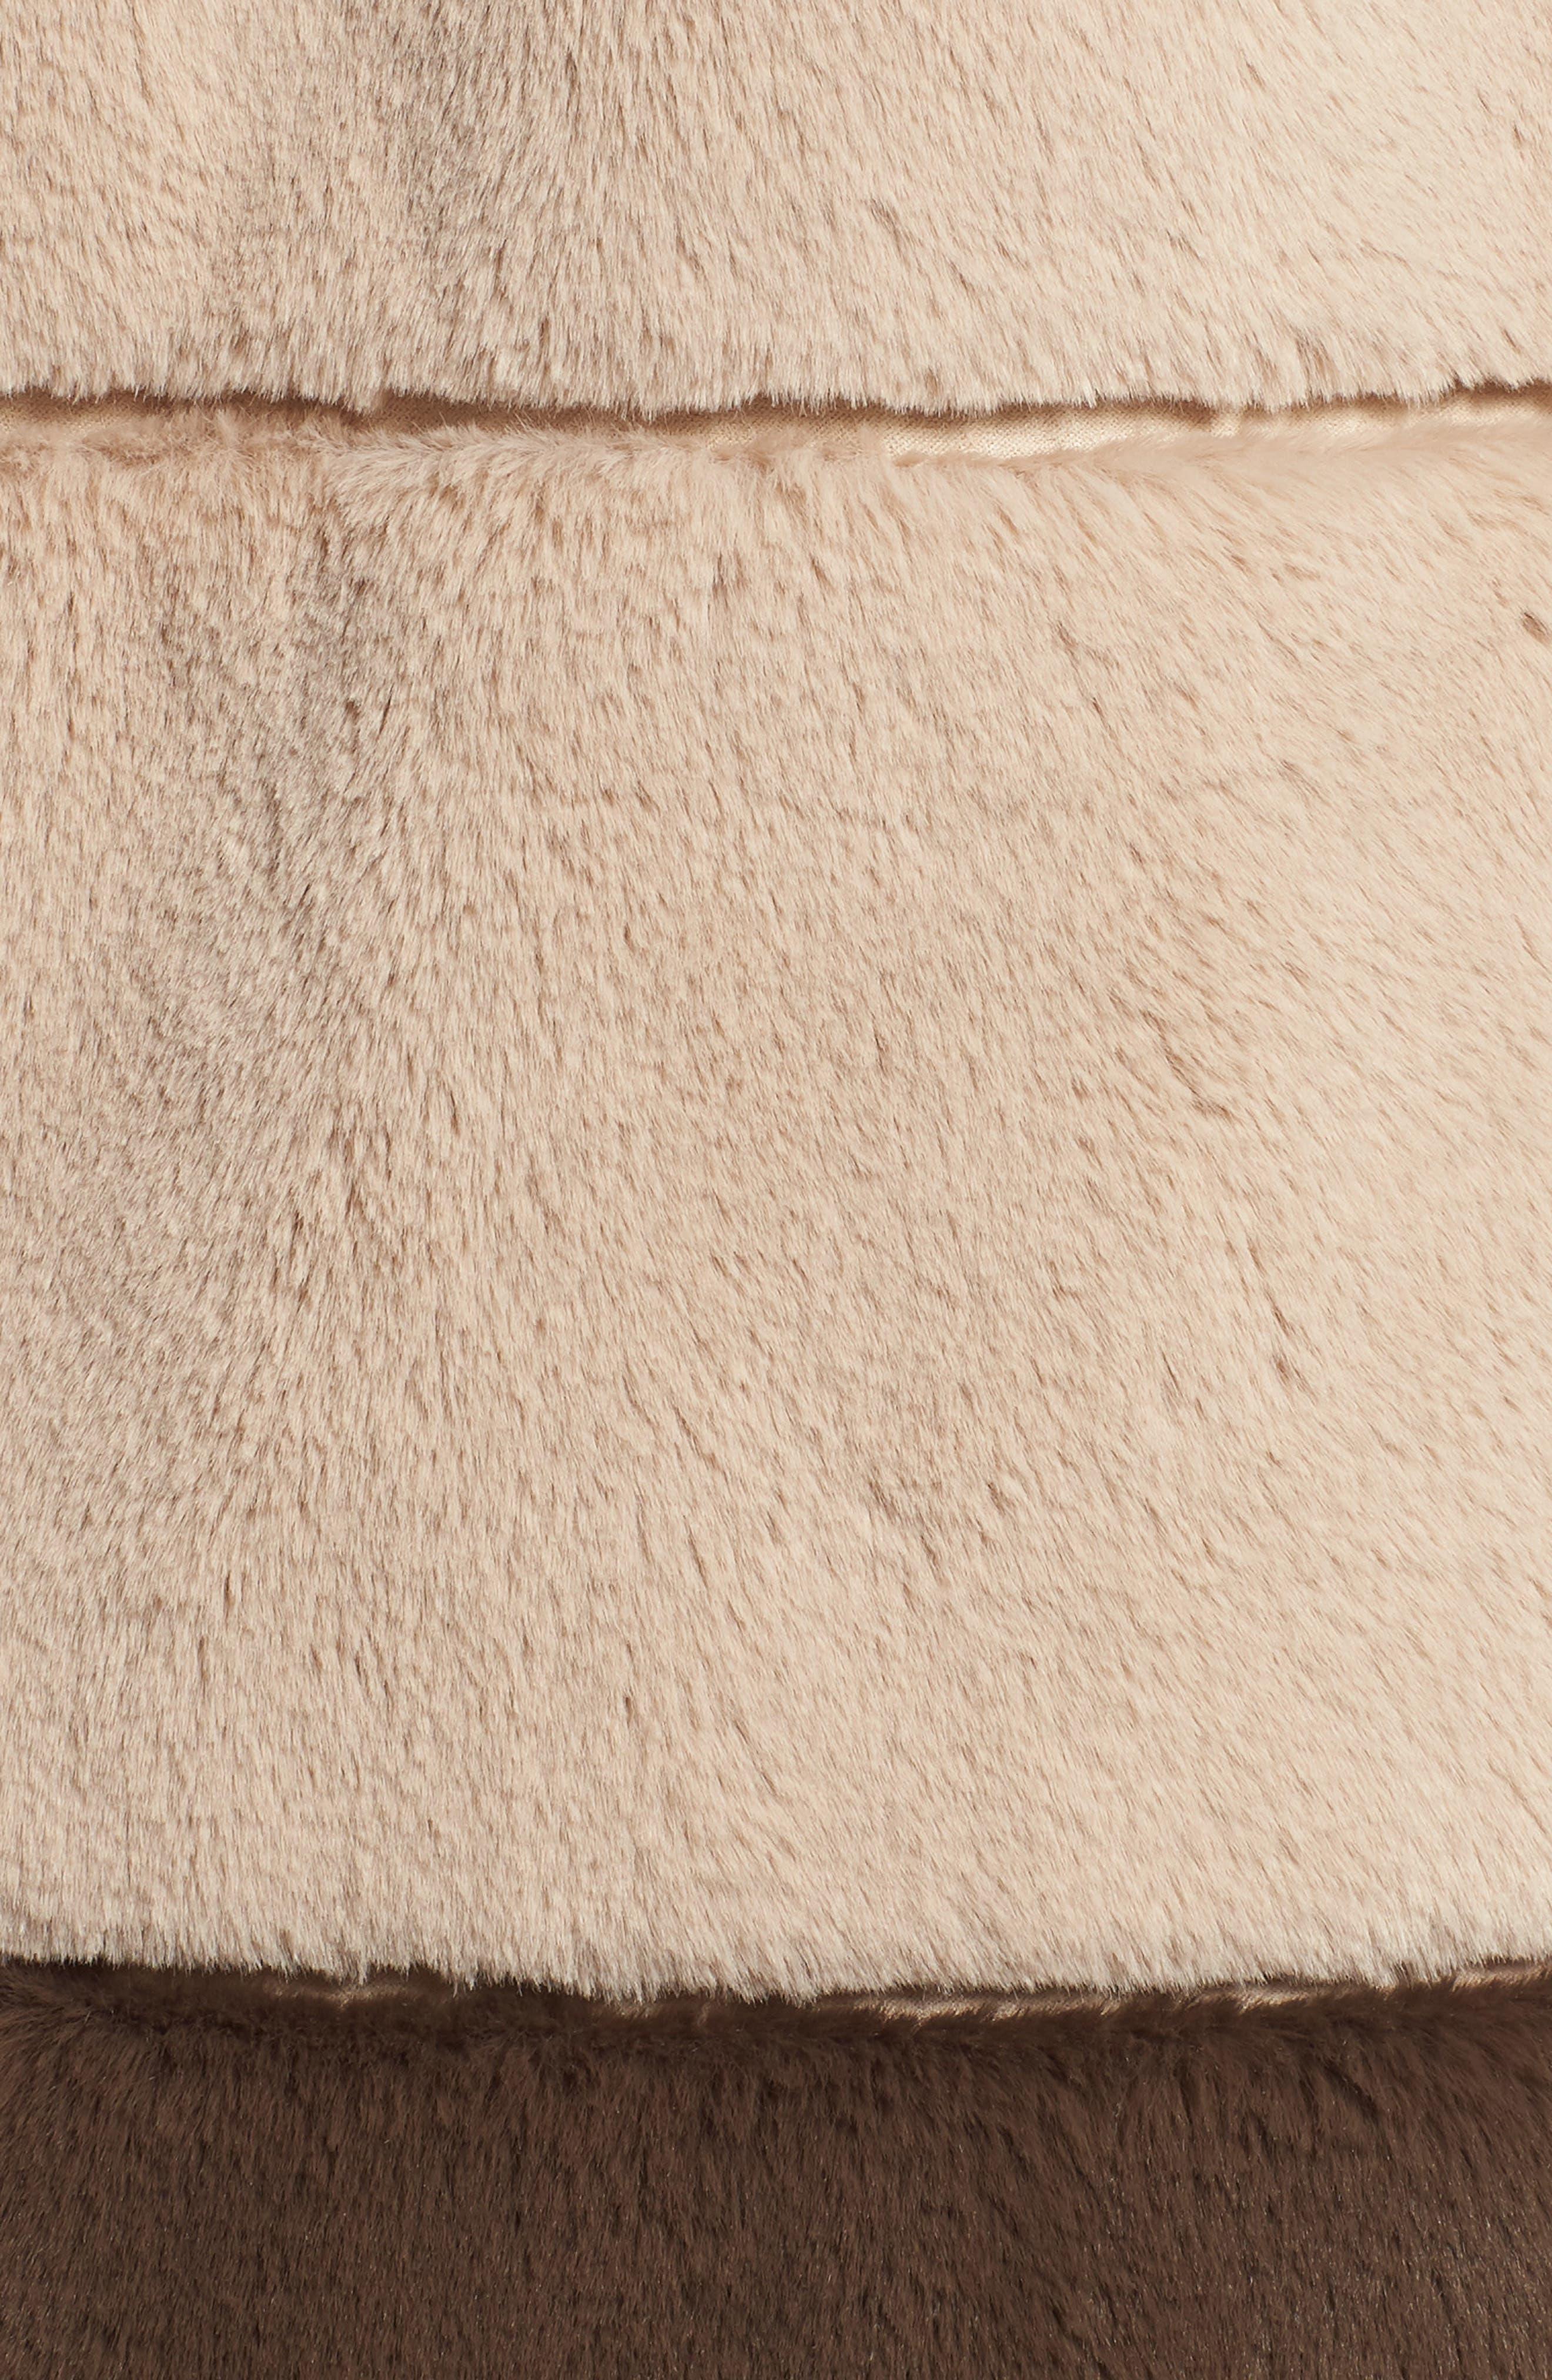 Colorblock Panel Faux Fur Jacket,                             Alternate thumbnail 6, color,                             BEIGE/ BROWN